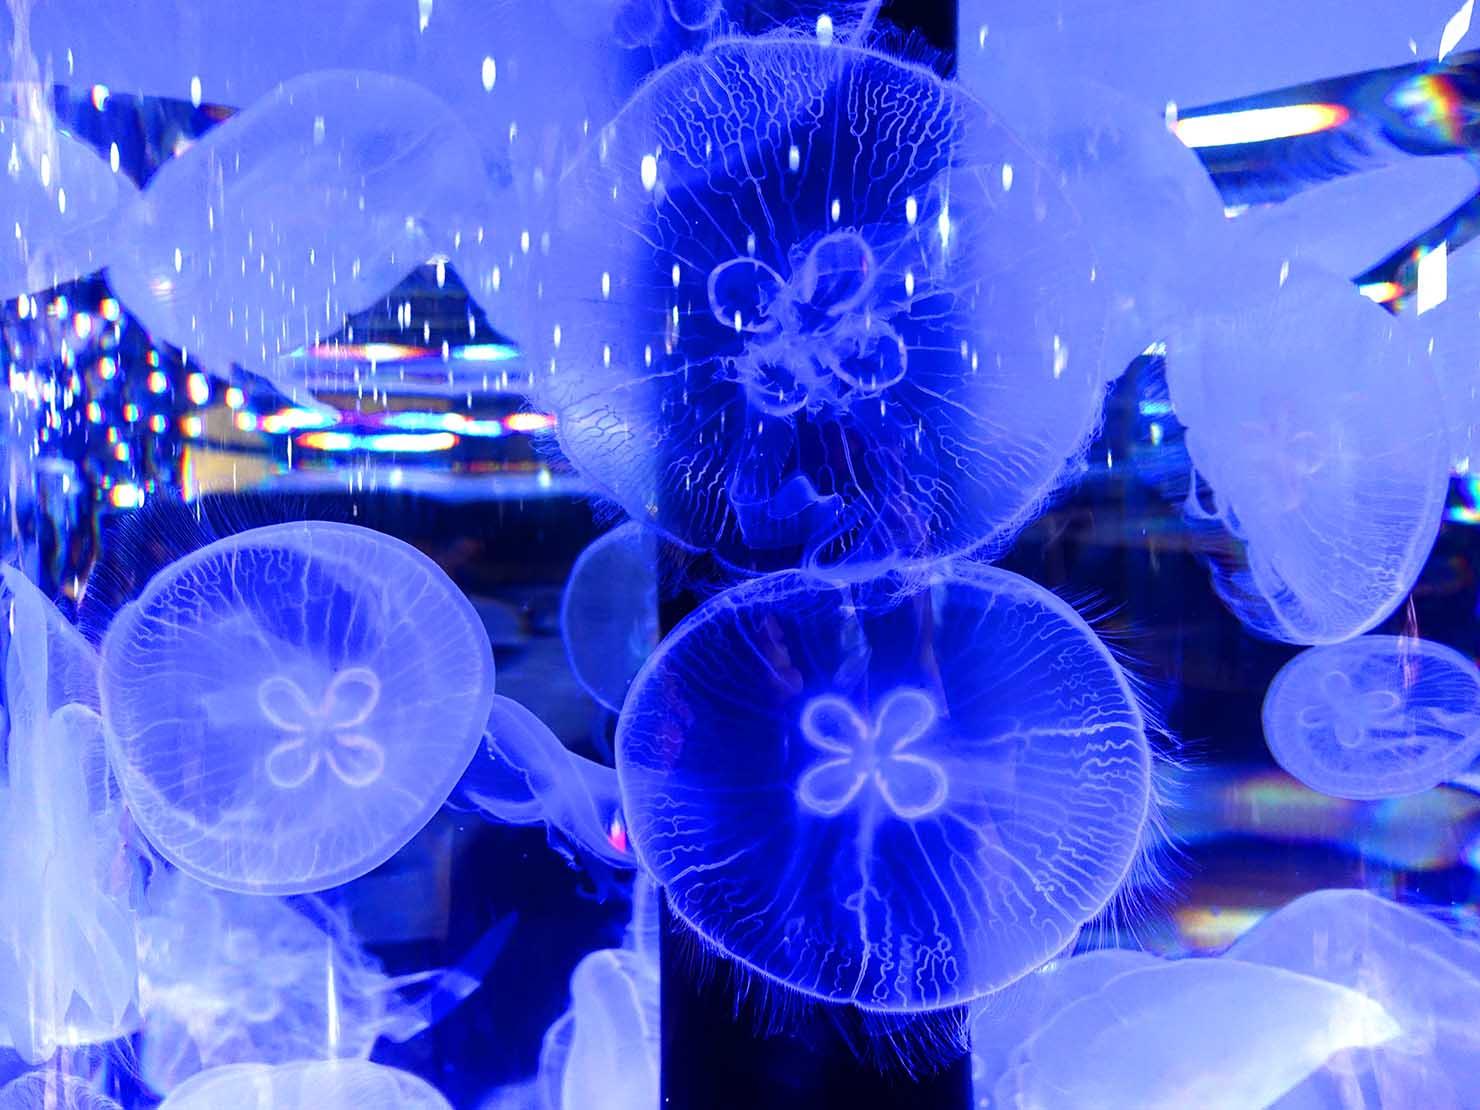 台北に誕生した都市型水族館「Xpark」内エリア「癒見水母」のクラゲ